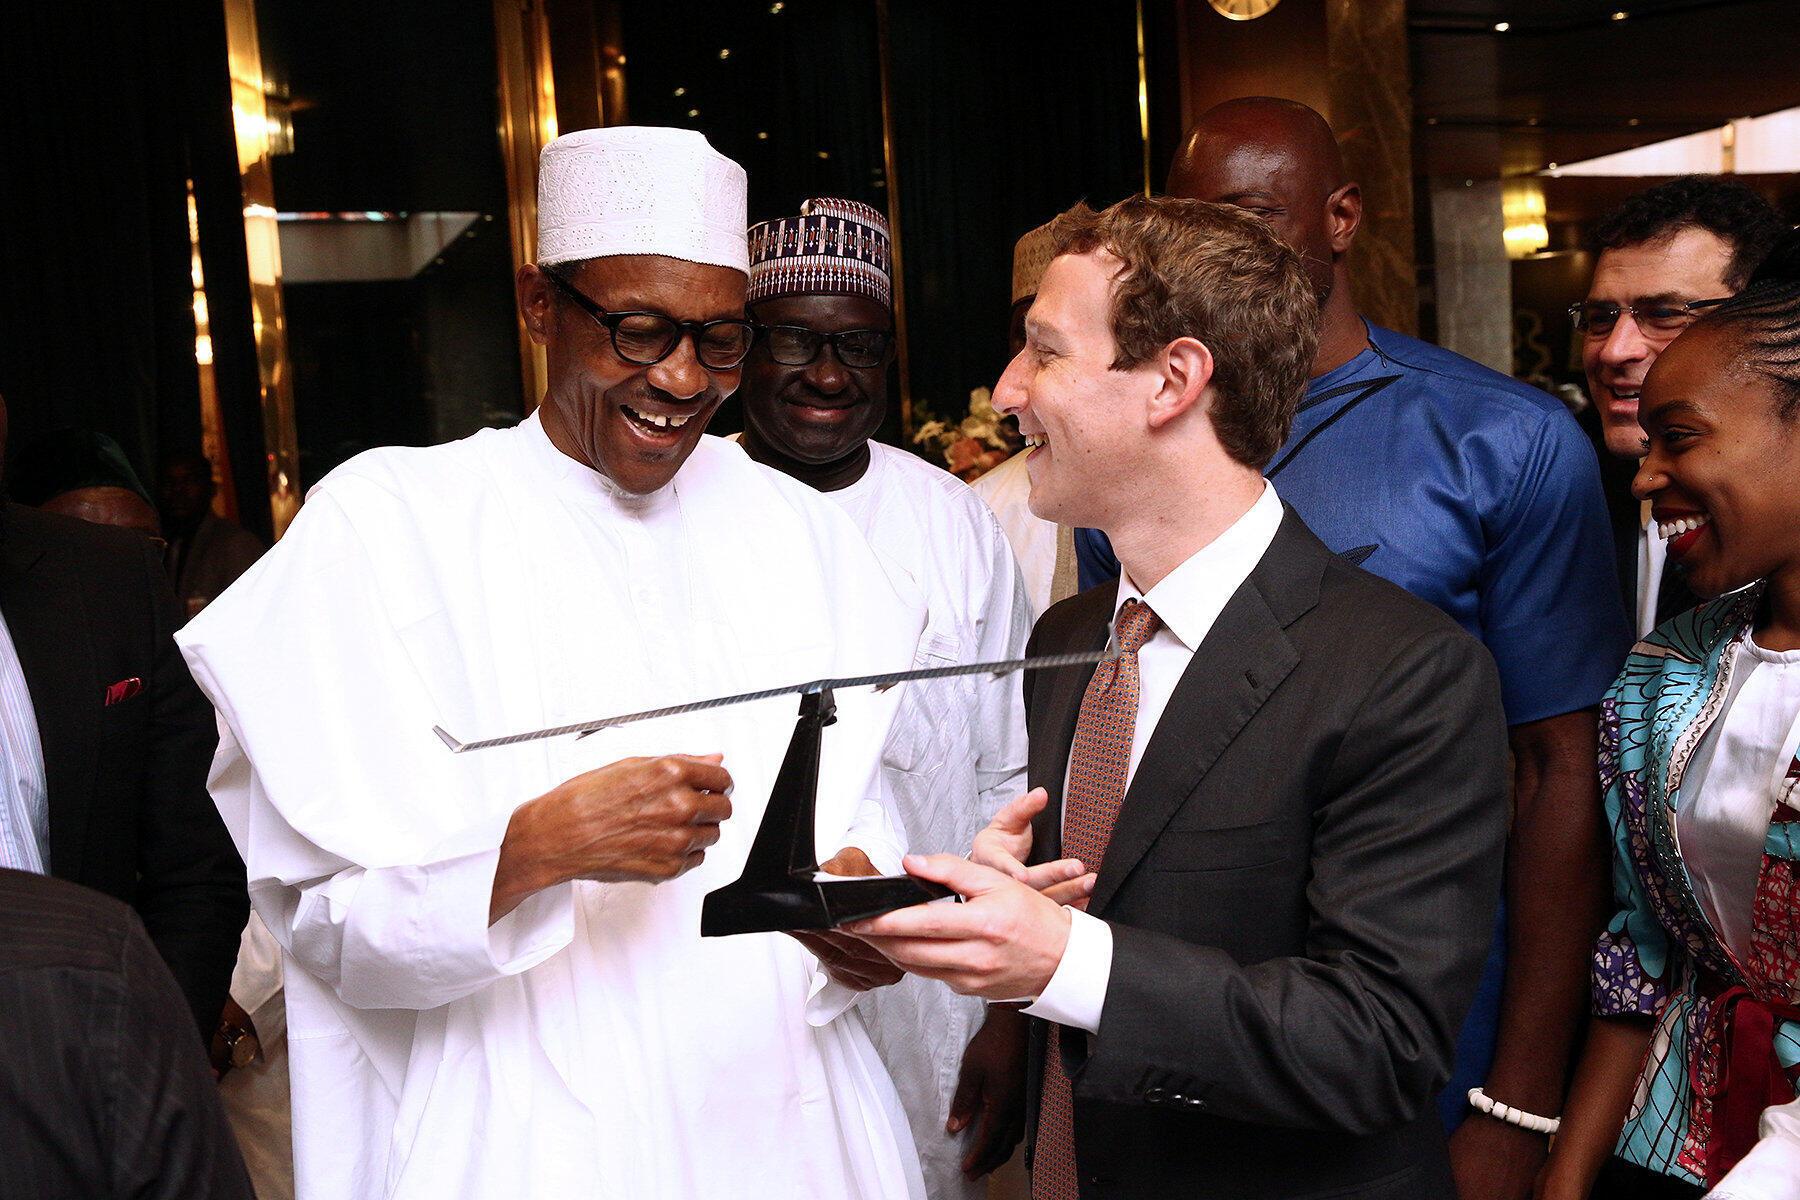 Le président Muhammadu Buhari aux côtés de Mark Zuckerberg, PDG de Facebook, le 2 septembre 2016 à Abuja.